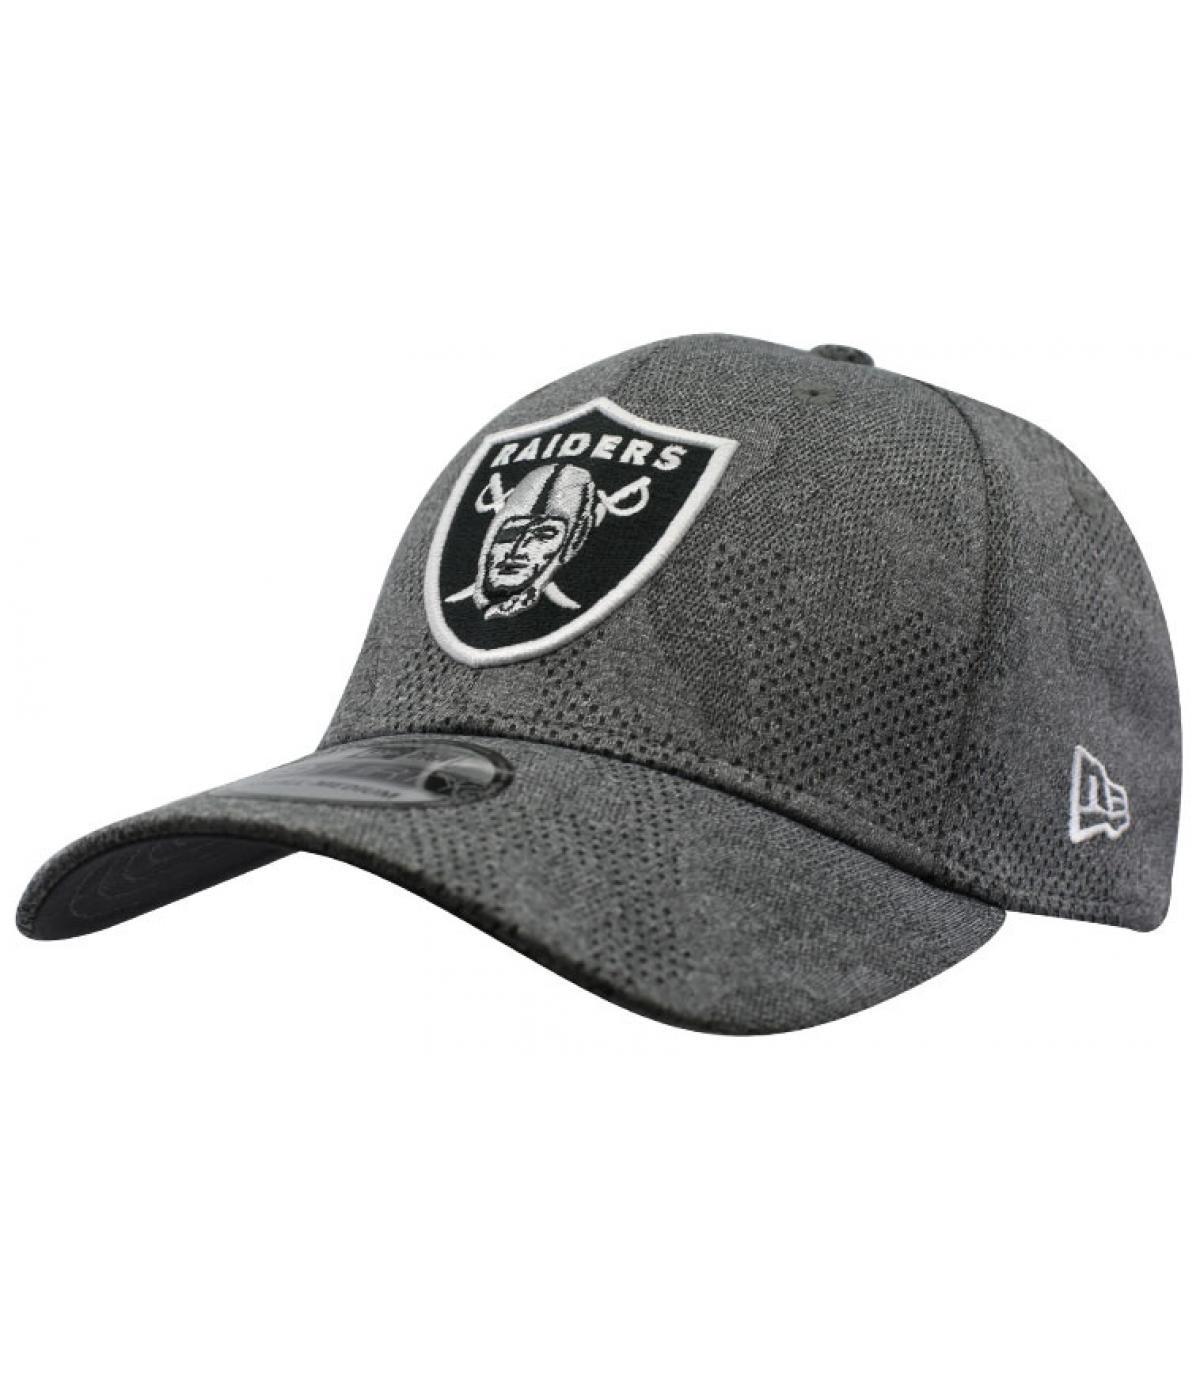 casquette Raiders gris noir